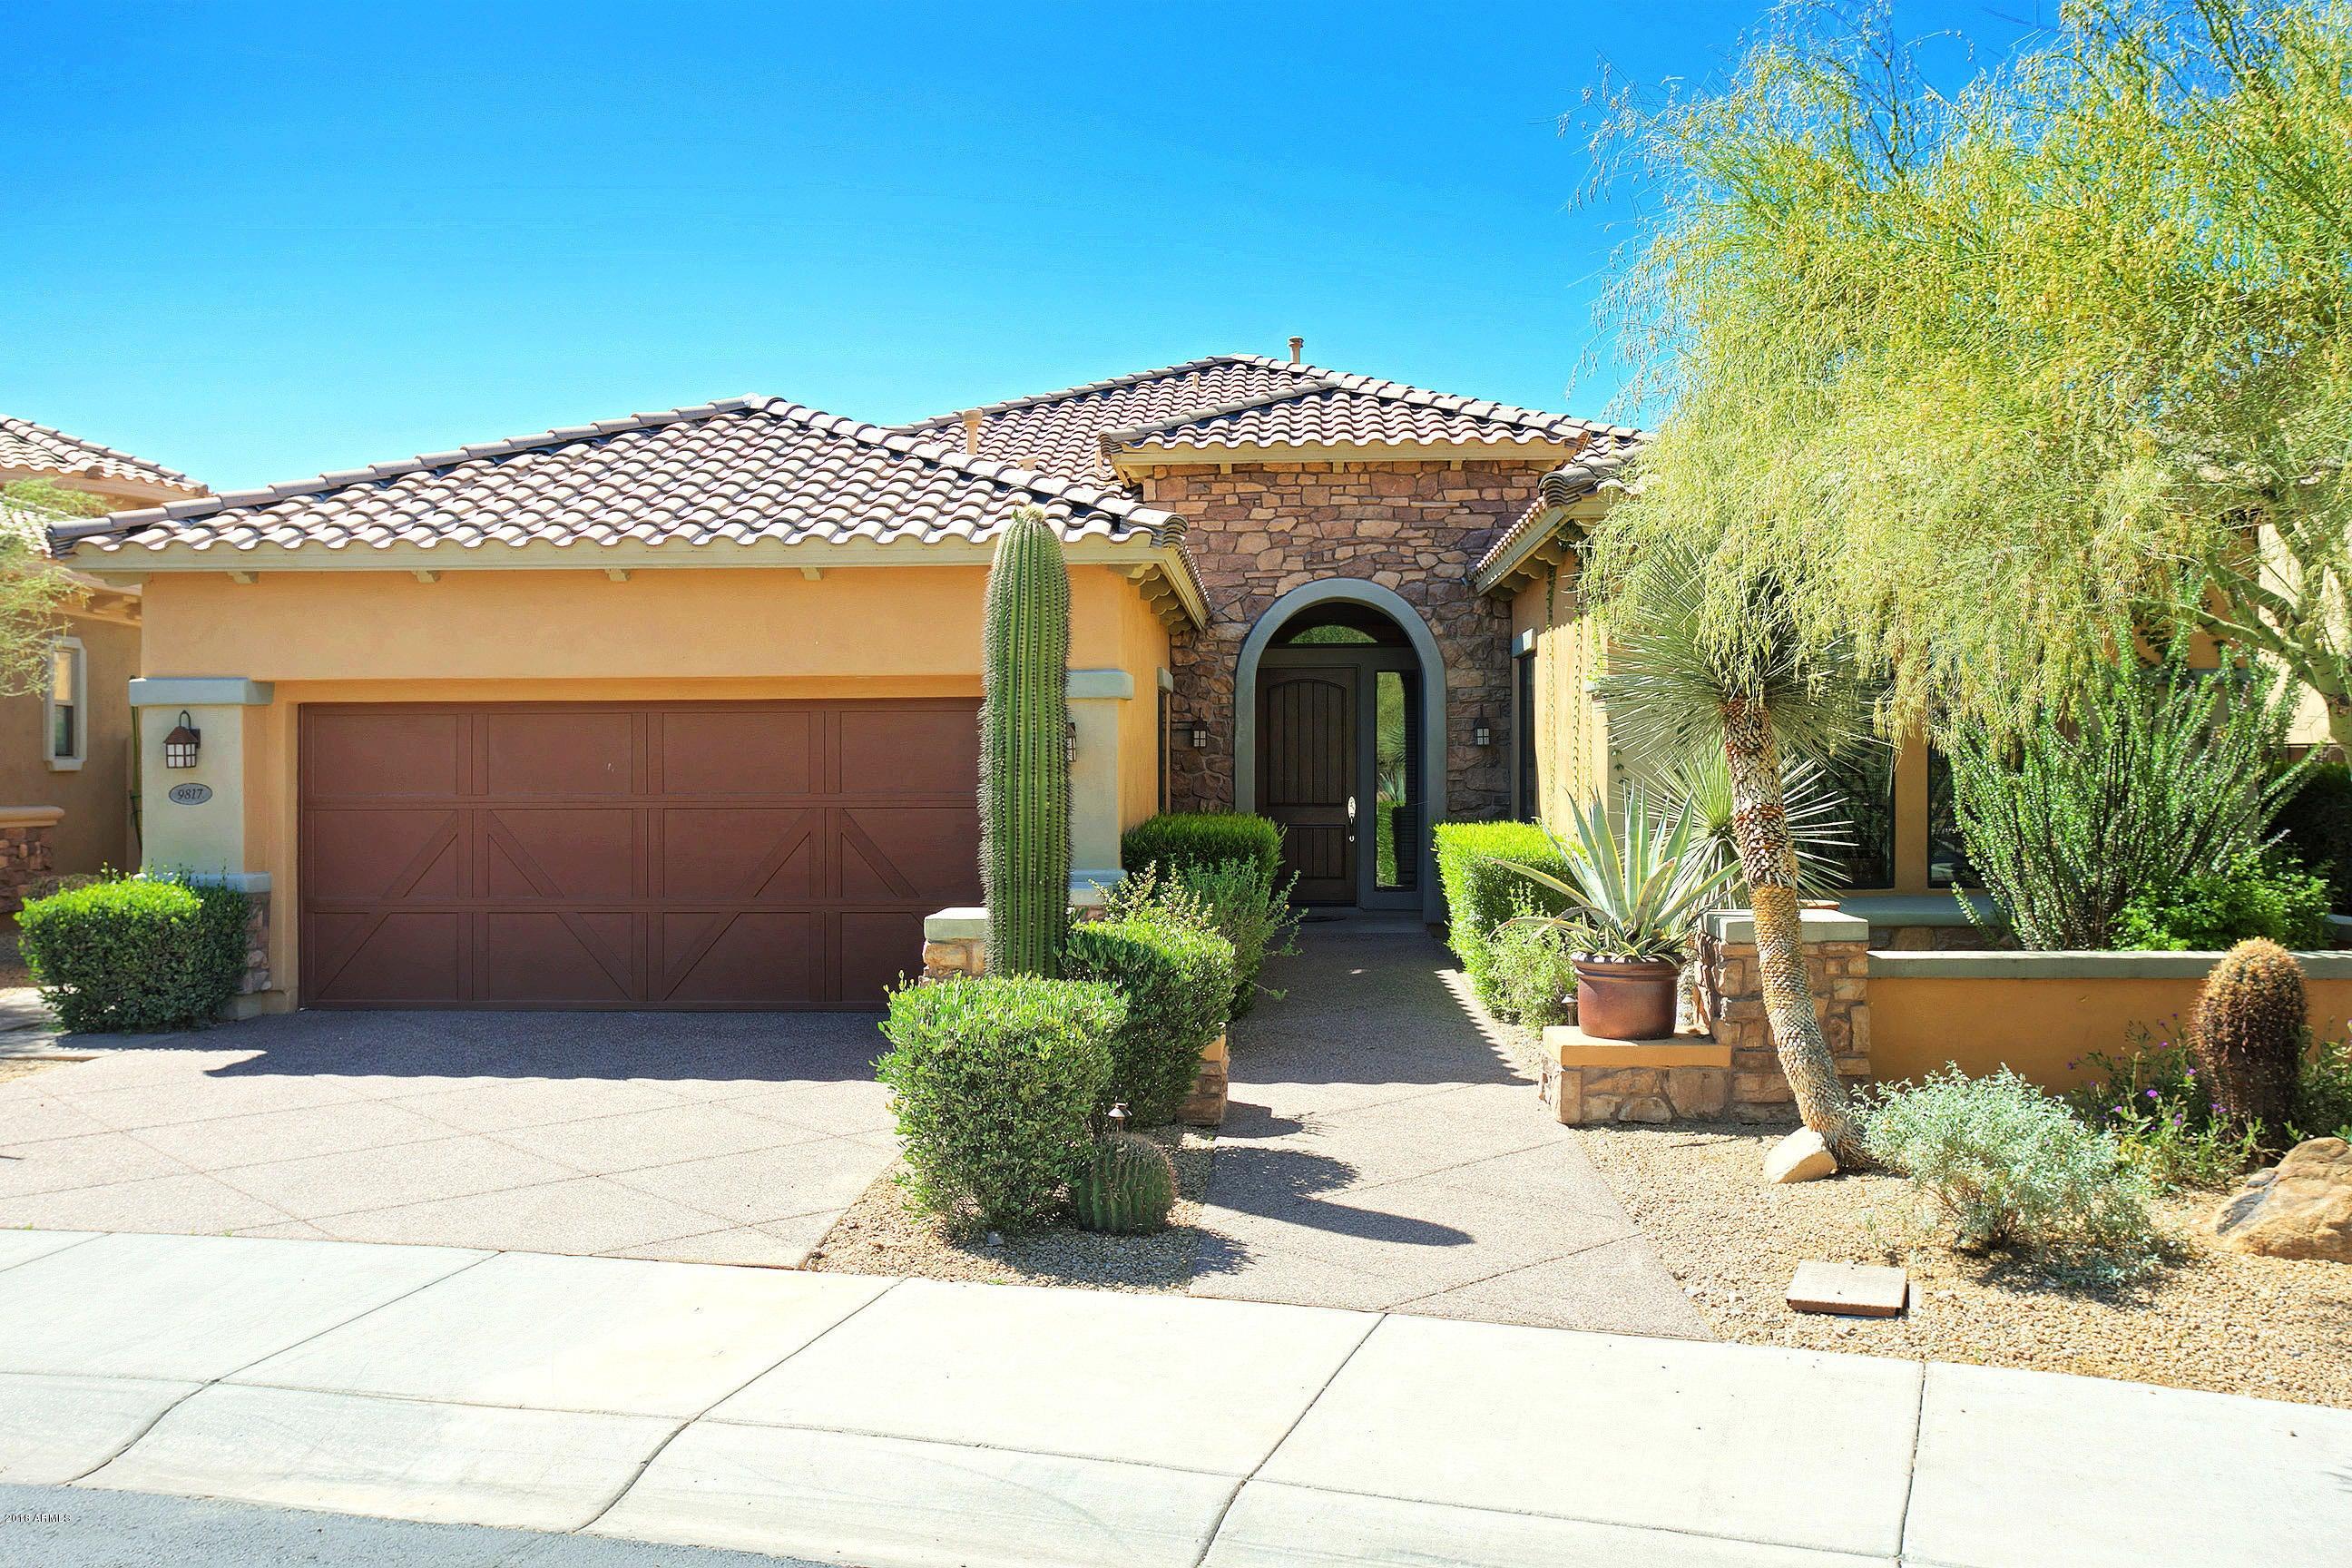 MLS 5811019 9817 E EDGESTONE Drive, Scottsdale, AZ 85255 Scottsdale AZ Gated